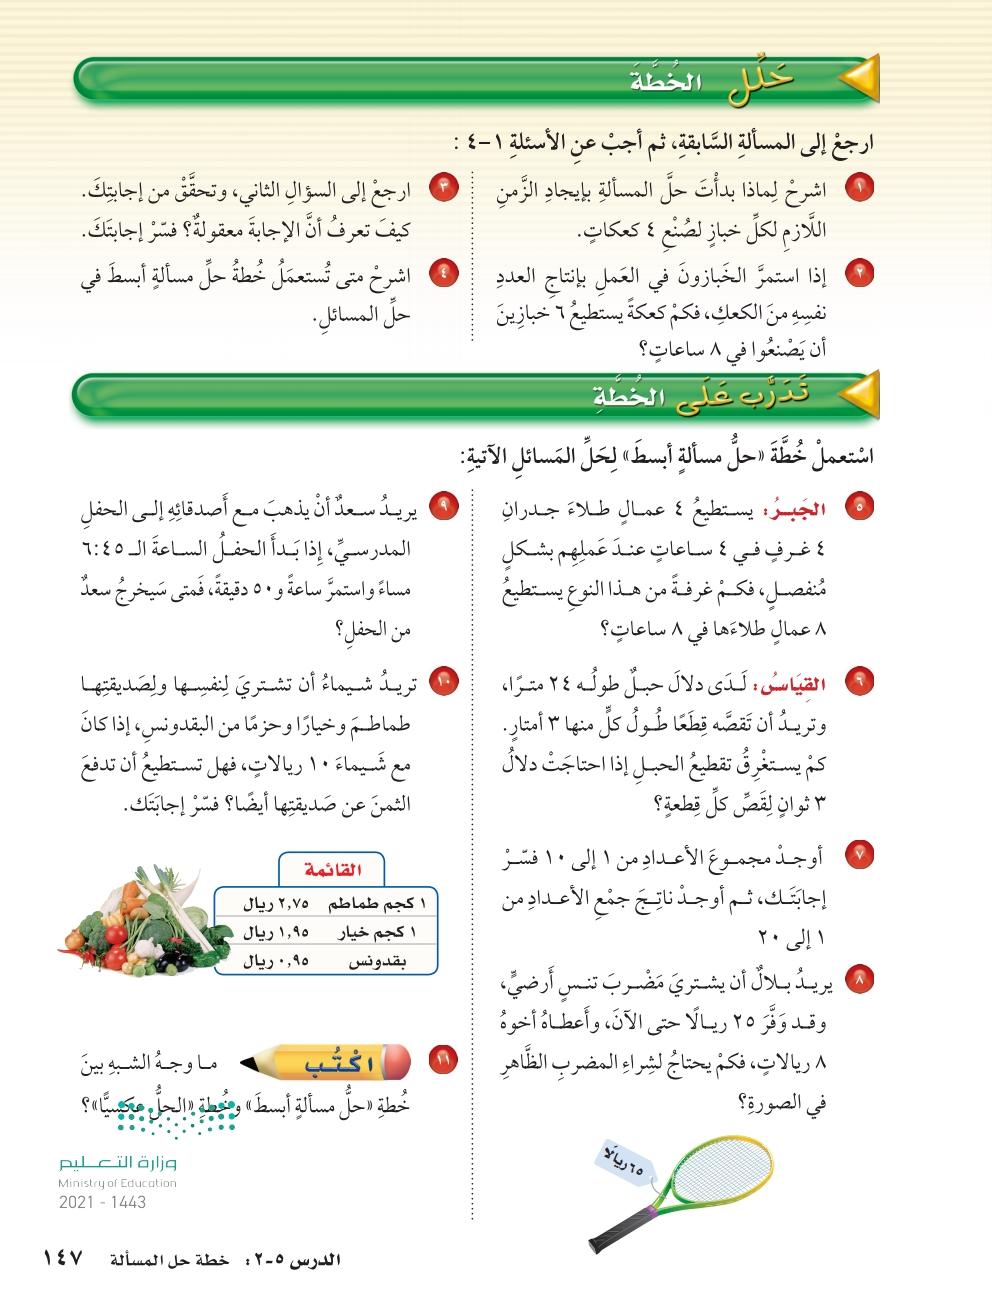 5-2 خطة حل المسألة